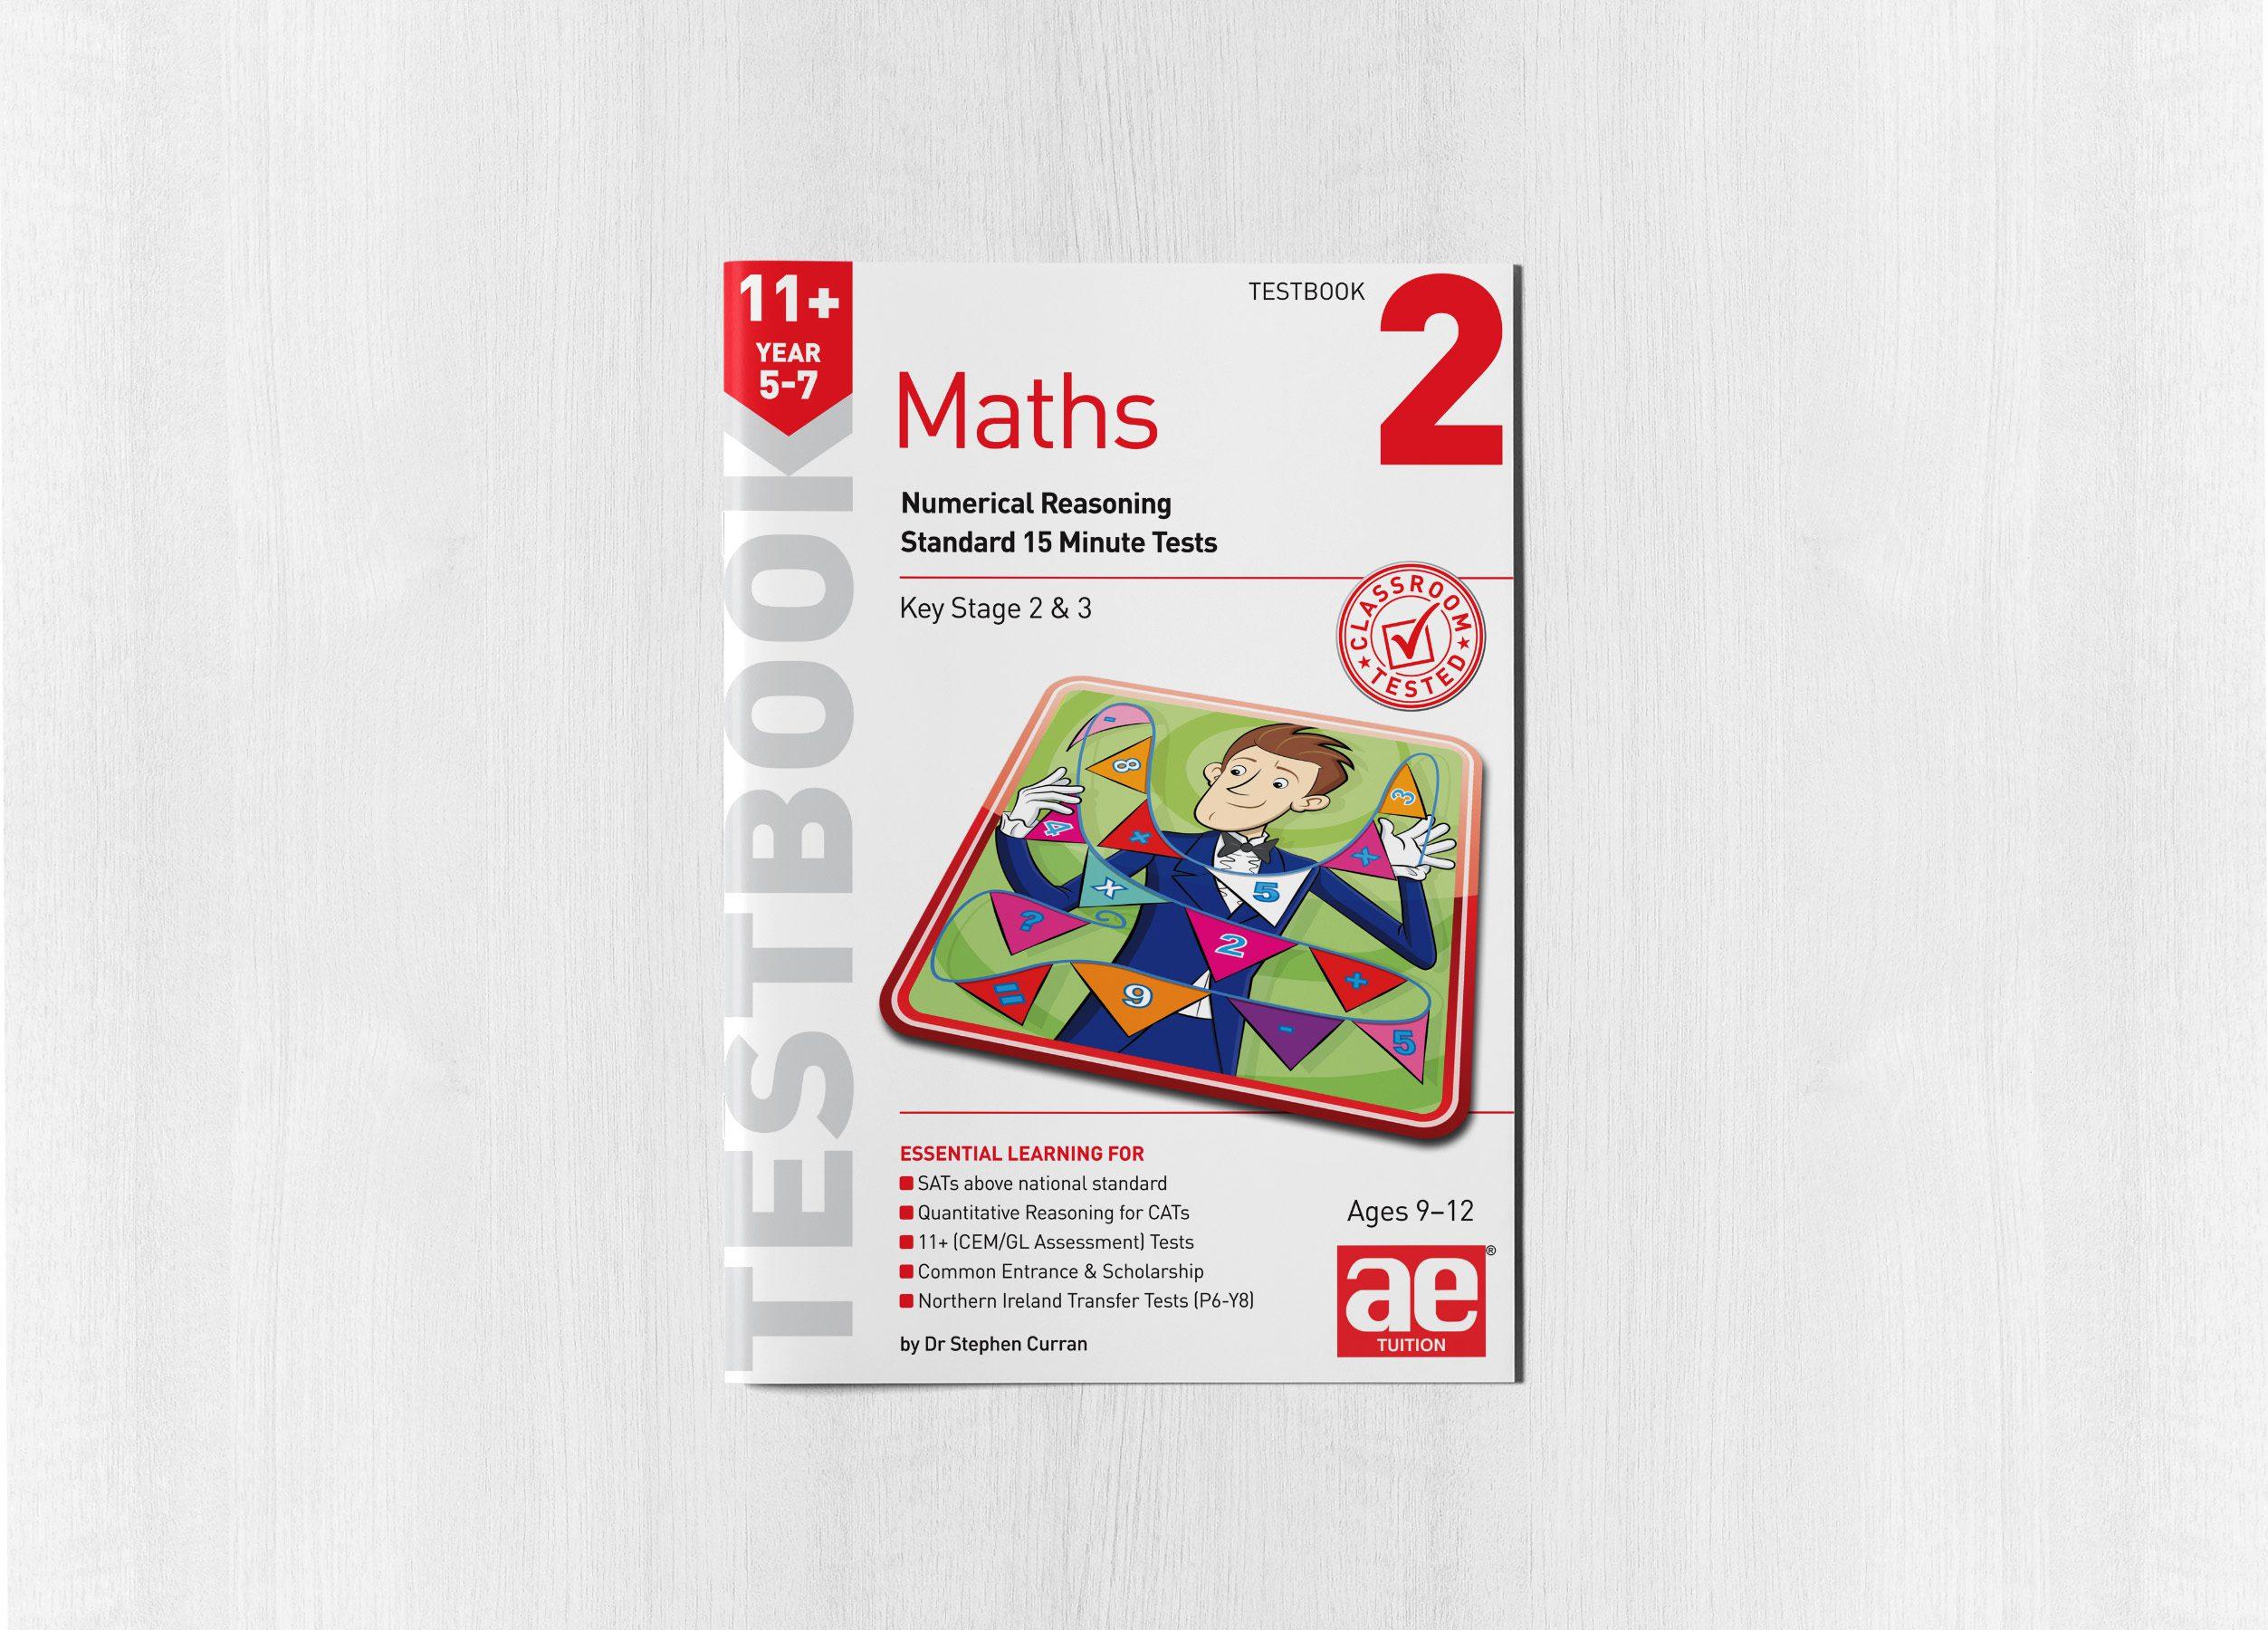 Maths Year 5-7 Testbook 2